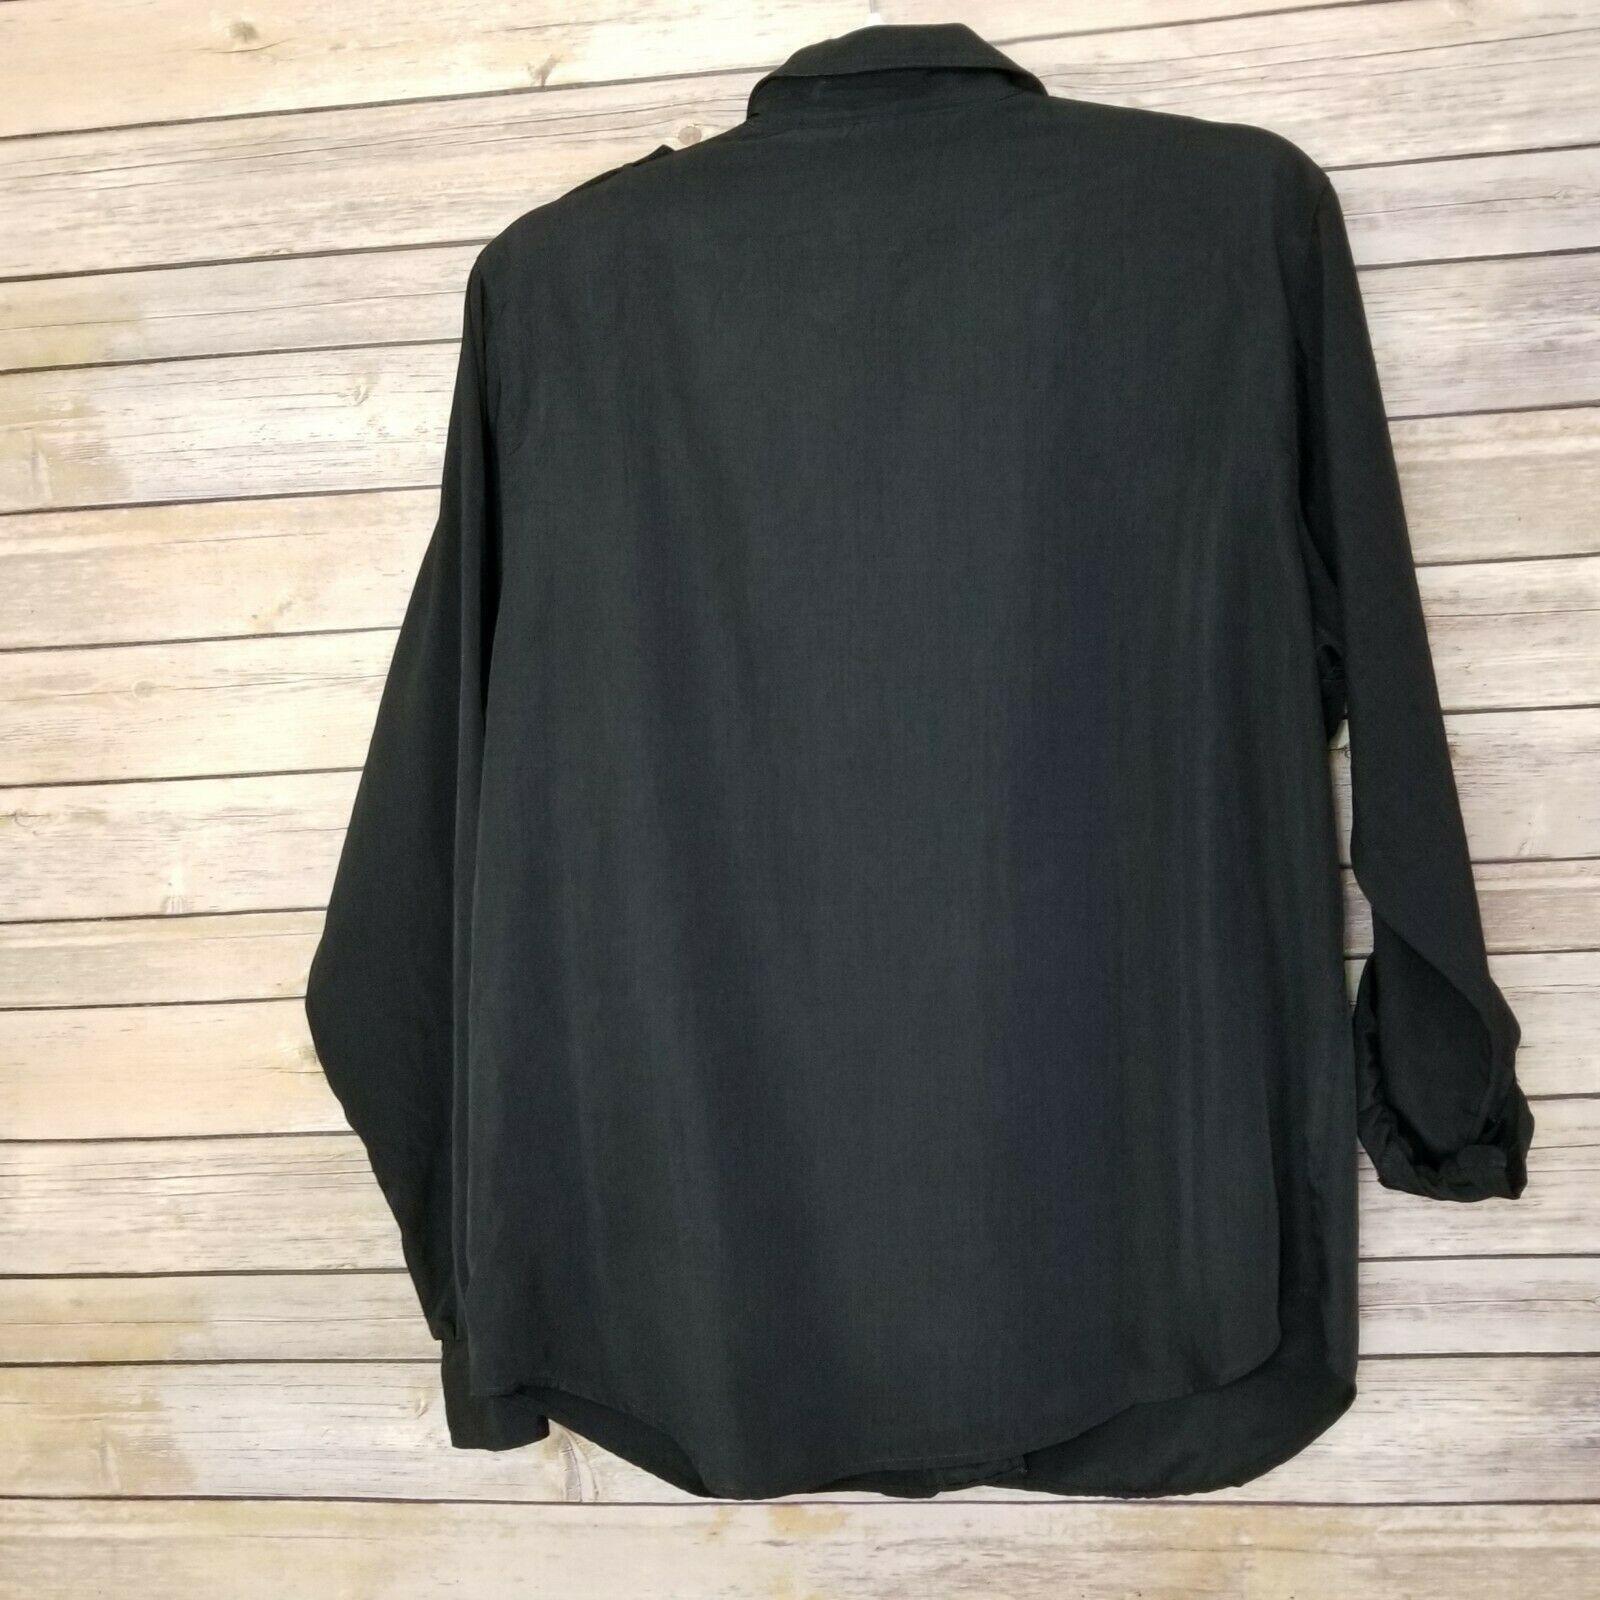 Vtg Diane von Furstenberg DVF Woman's Top Blouse Shirt Button Front Black Sz L image 6